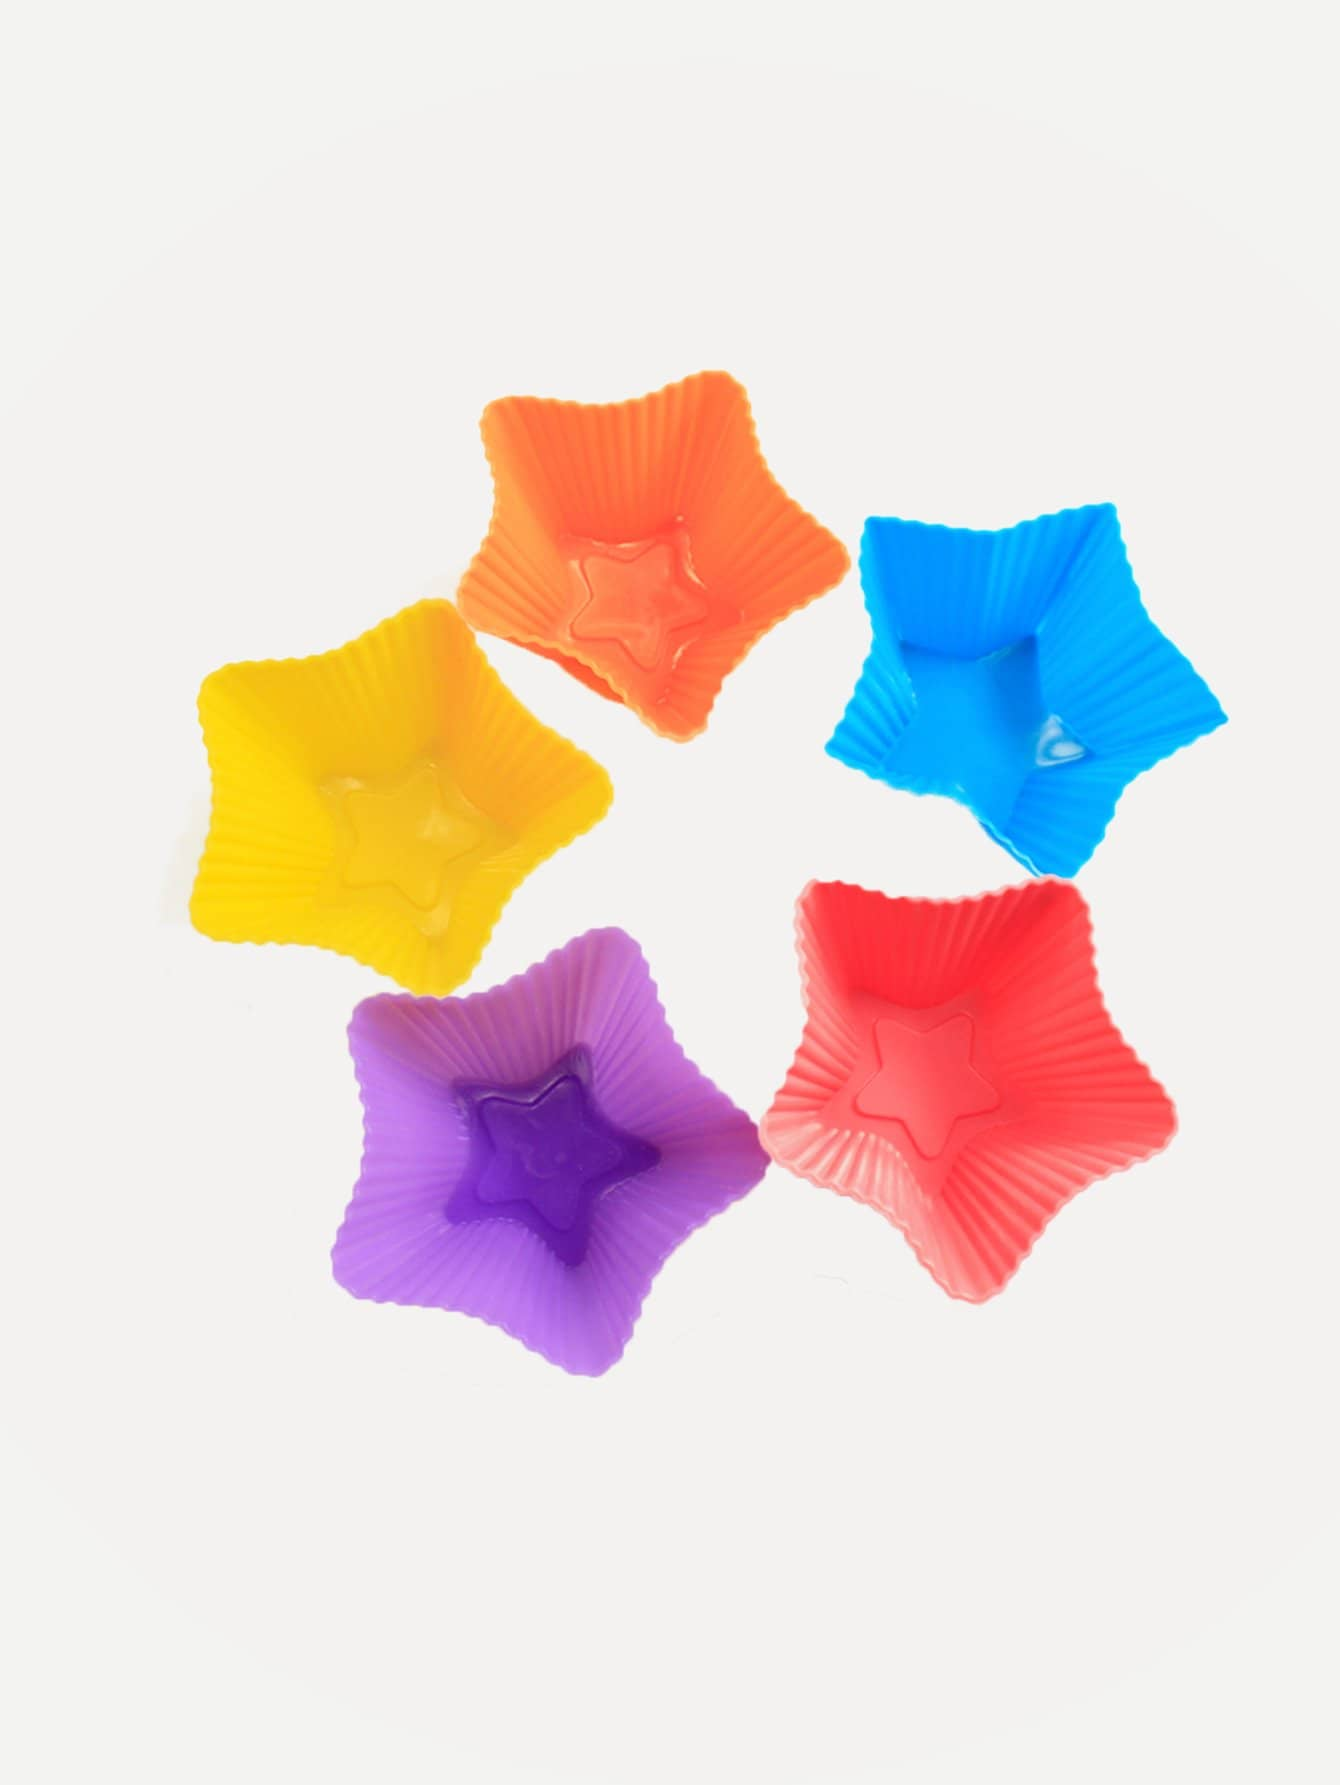 Купить Форма для выпечки и в форме звезды случайных цветов 1 шт, null, SheIn